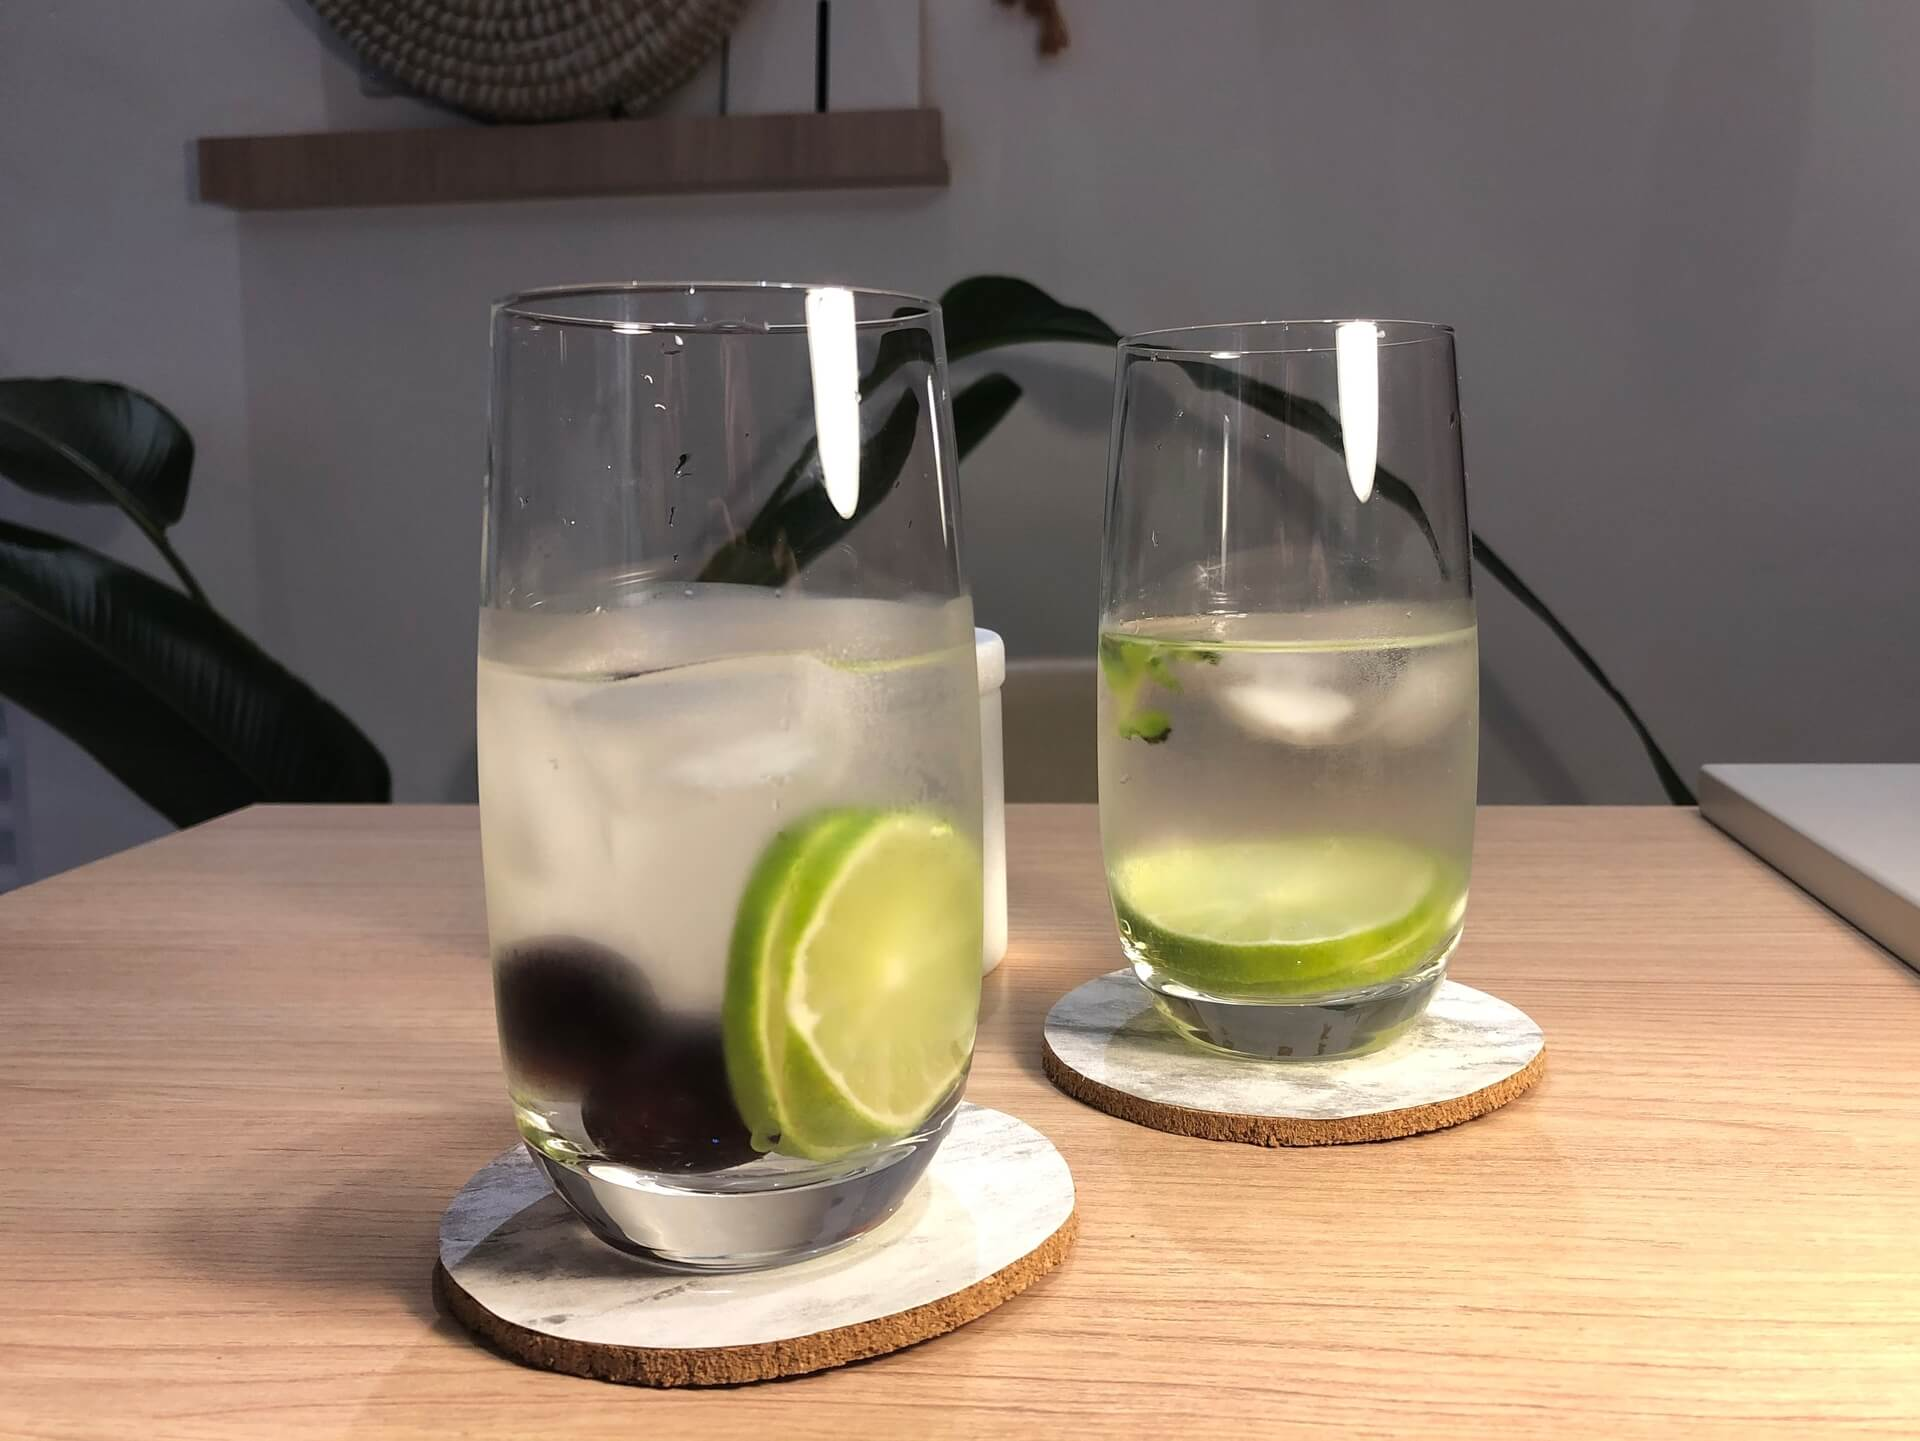 Imagem: Sobre as bolachas estão os copos Oxford Touch Long Drink que você pode encontrar aqui. Foto: Arquiteca Projetos.